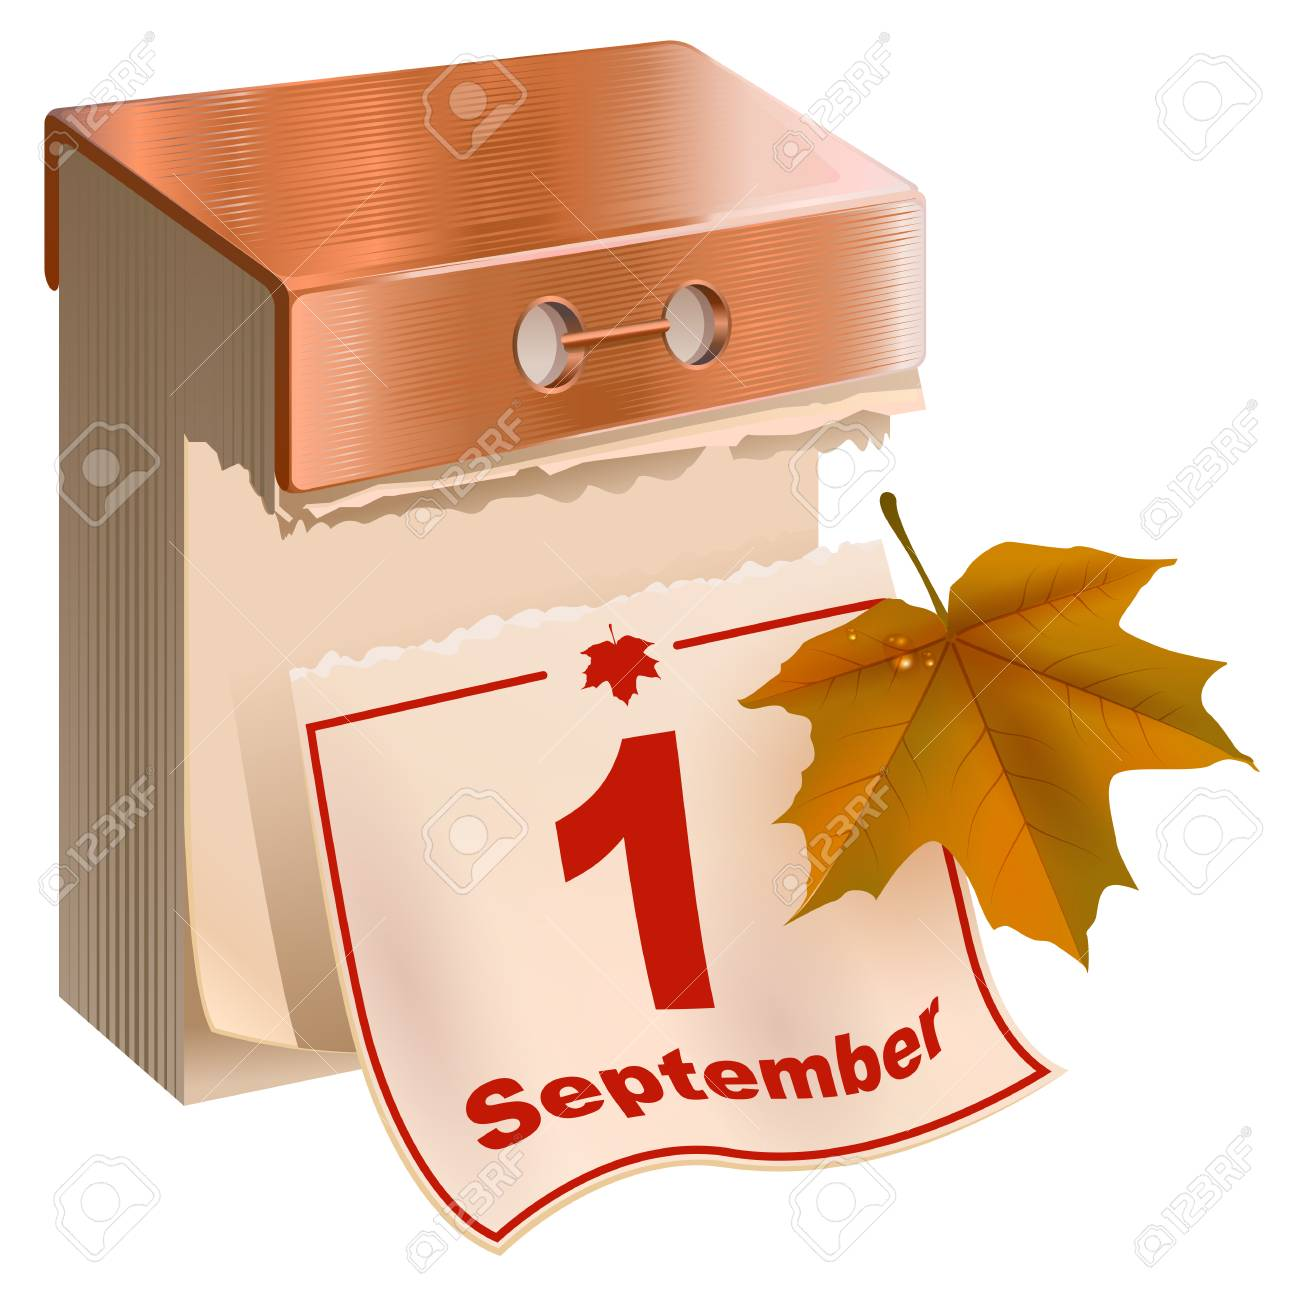 Calendario A Strappo.Il 1 Settembre E Iniziato L Autunno Calendario A Strappo E Foglia D Acero Gialla Isolato Sull Illustrazione Bianca Di Vettore